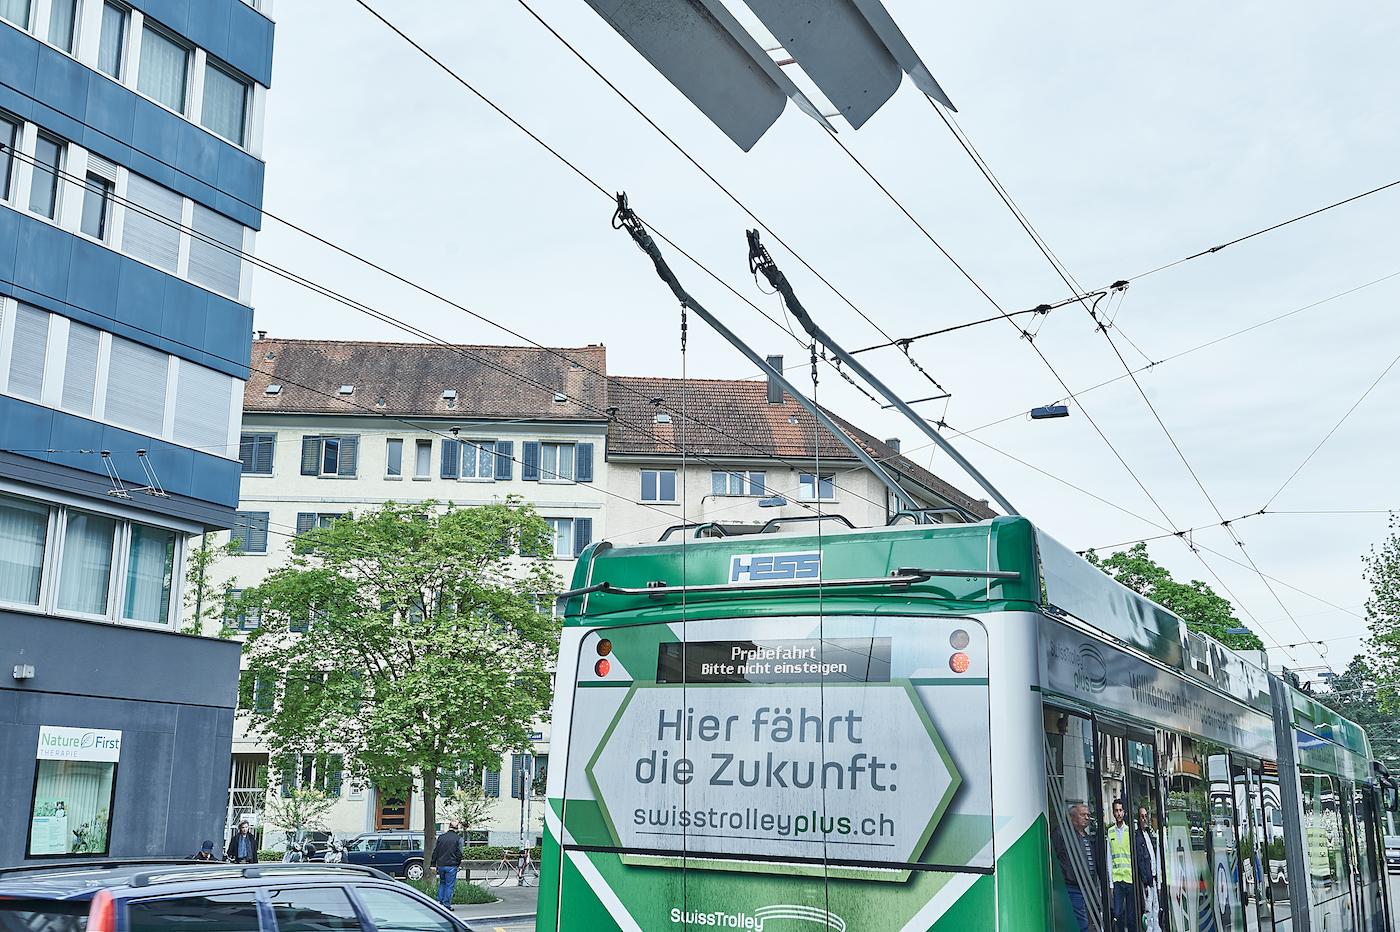 Le Swiss Trolley Plus est le premier du genre capable de rouler aussi sans caténaire. (Anja Wurm)